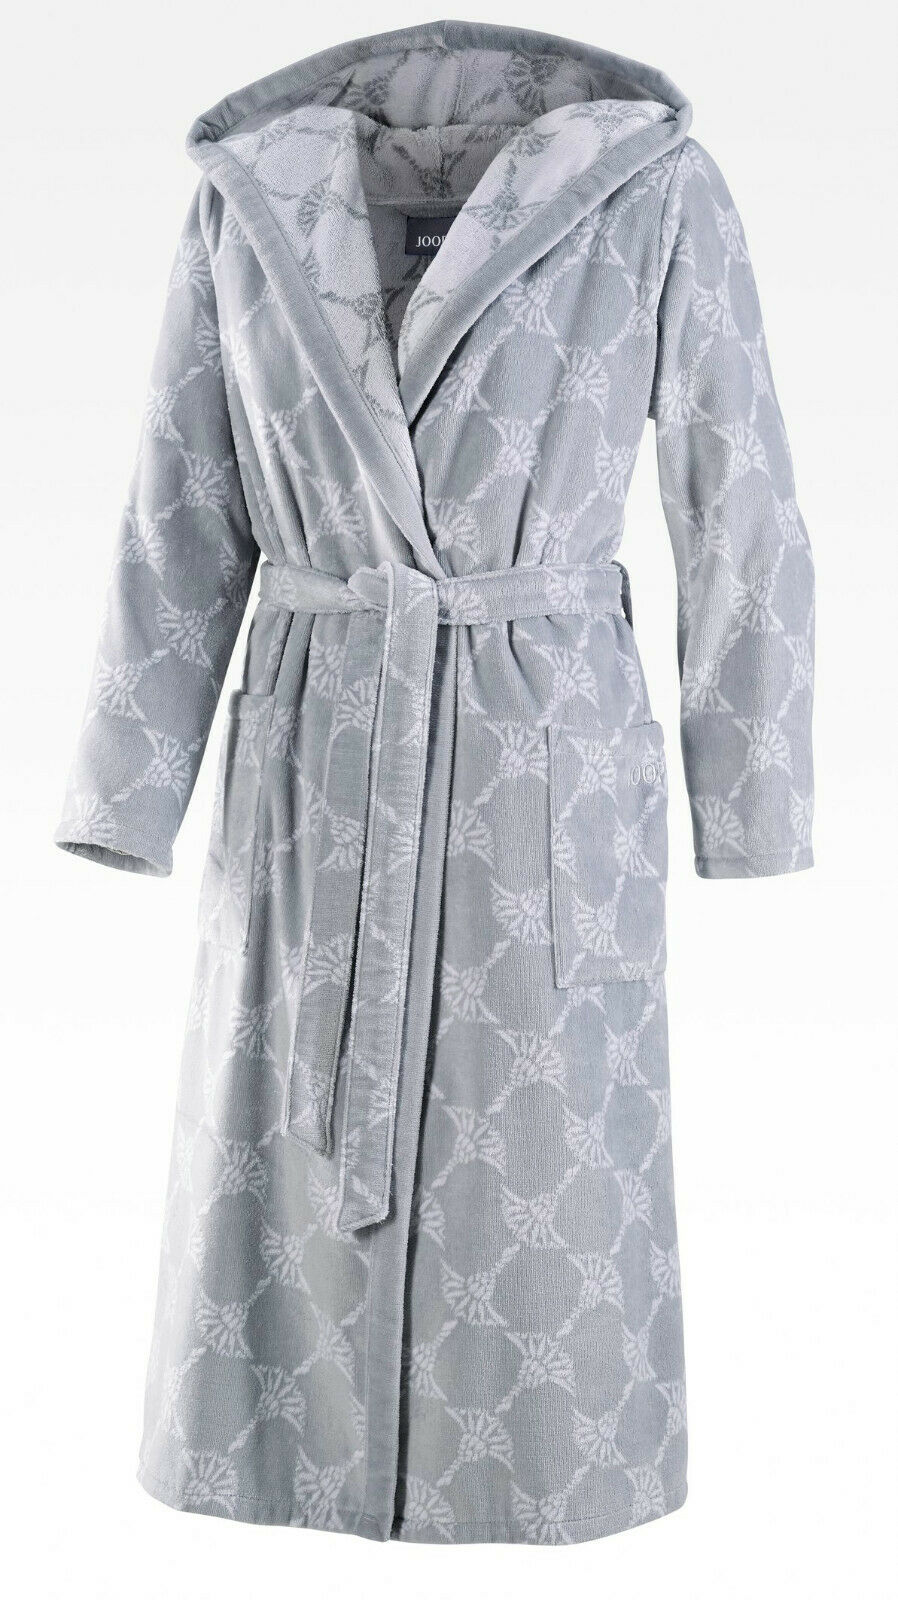 JOOP! 1646 Damen Bademantel mit Kapuze Größe 36/38 S Farbe Silber 76 NEU